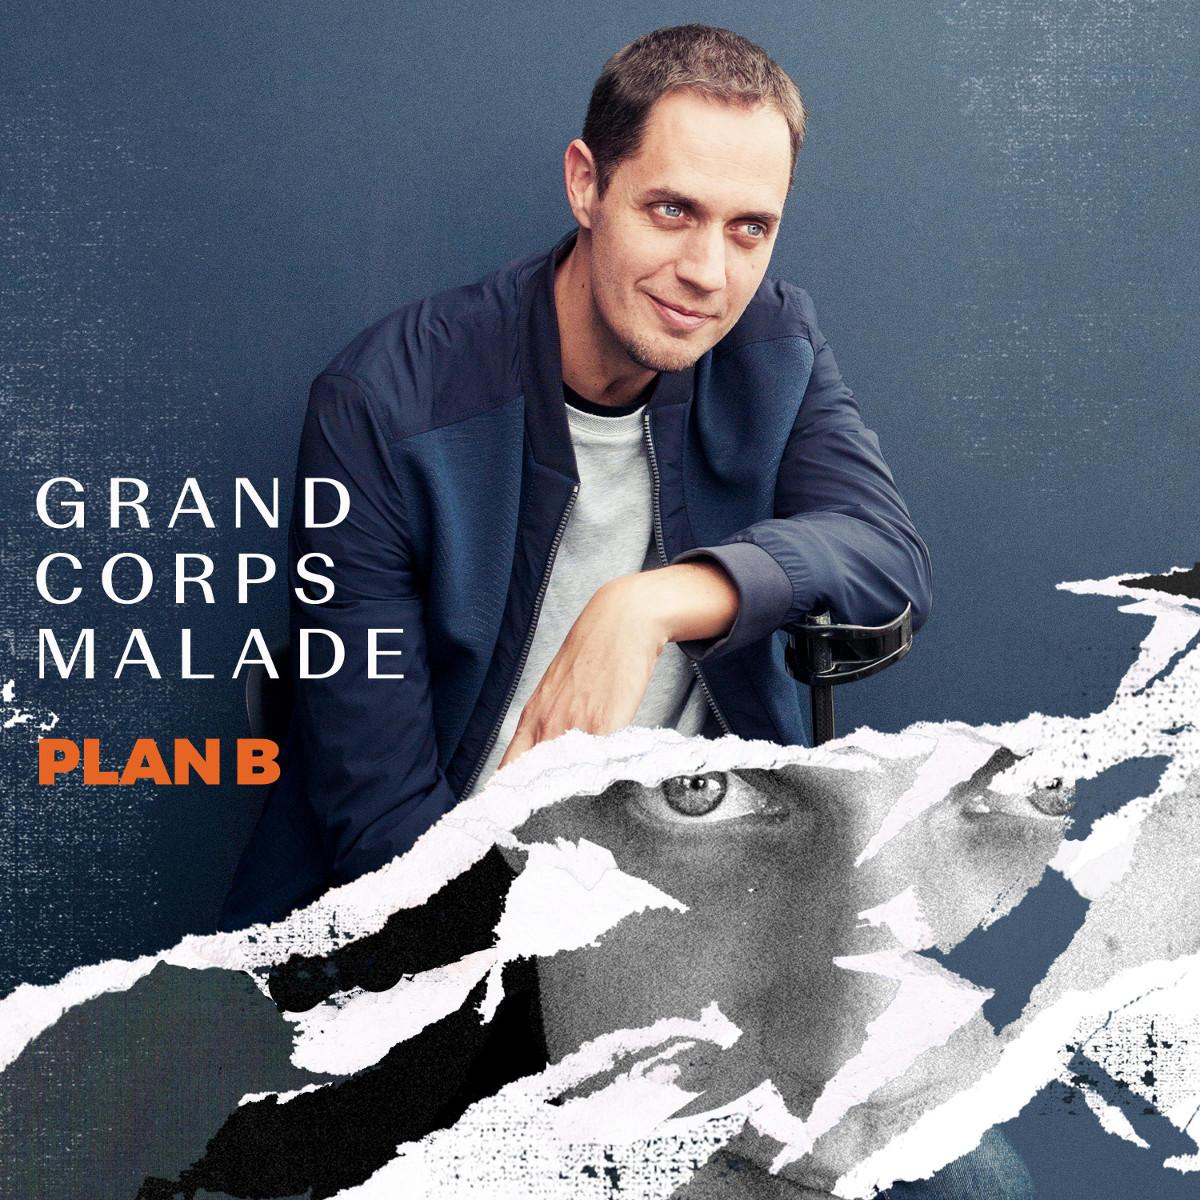 Grand Corps Malade rend hommage à la Corse